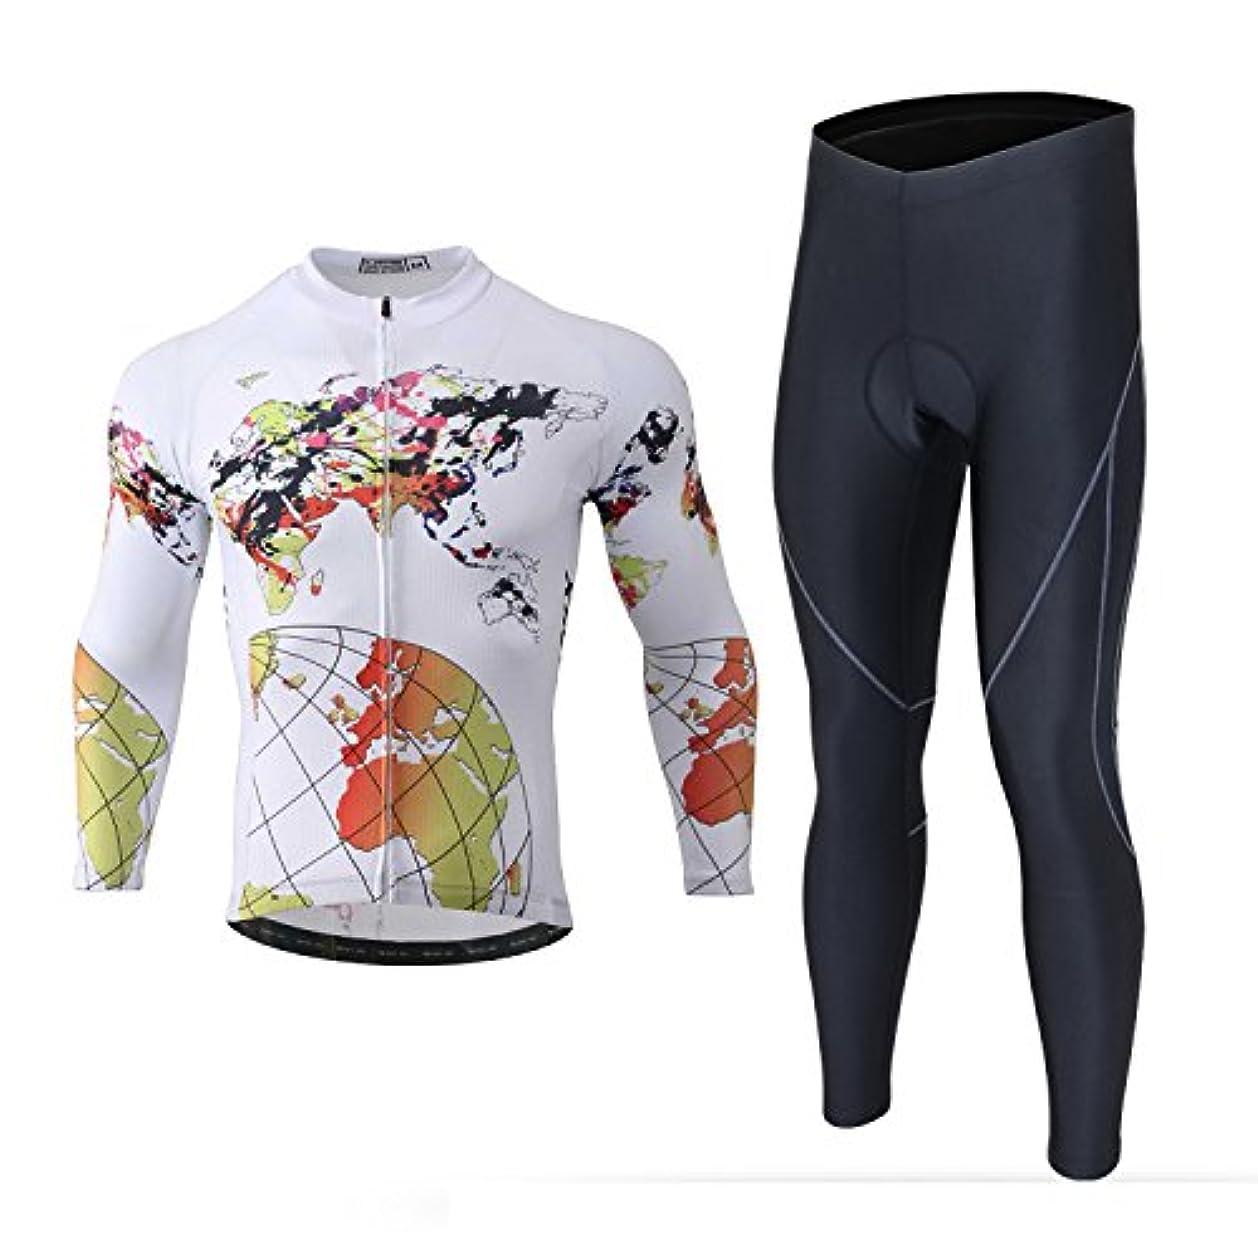 打撃虫出費LSERVER 長袖 サイクルジャージ メンズ 上下 セット 3Dゲルパッド付き サイクリングウェア サイクルウエア レーサー?競技?ロードバイク服 自転車ウェア